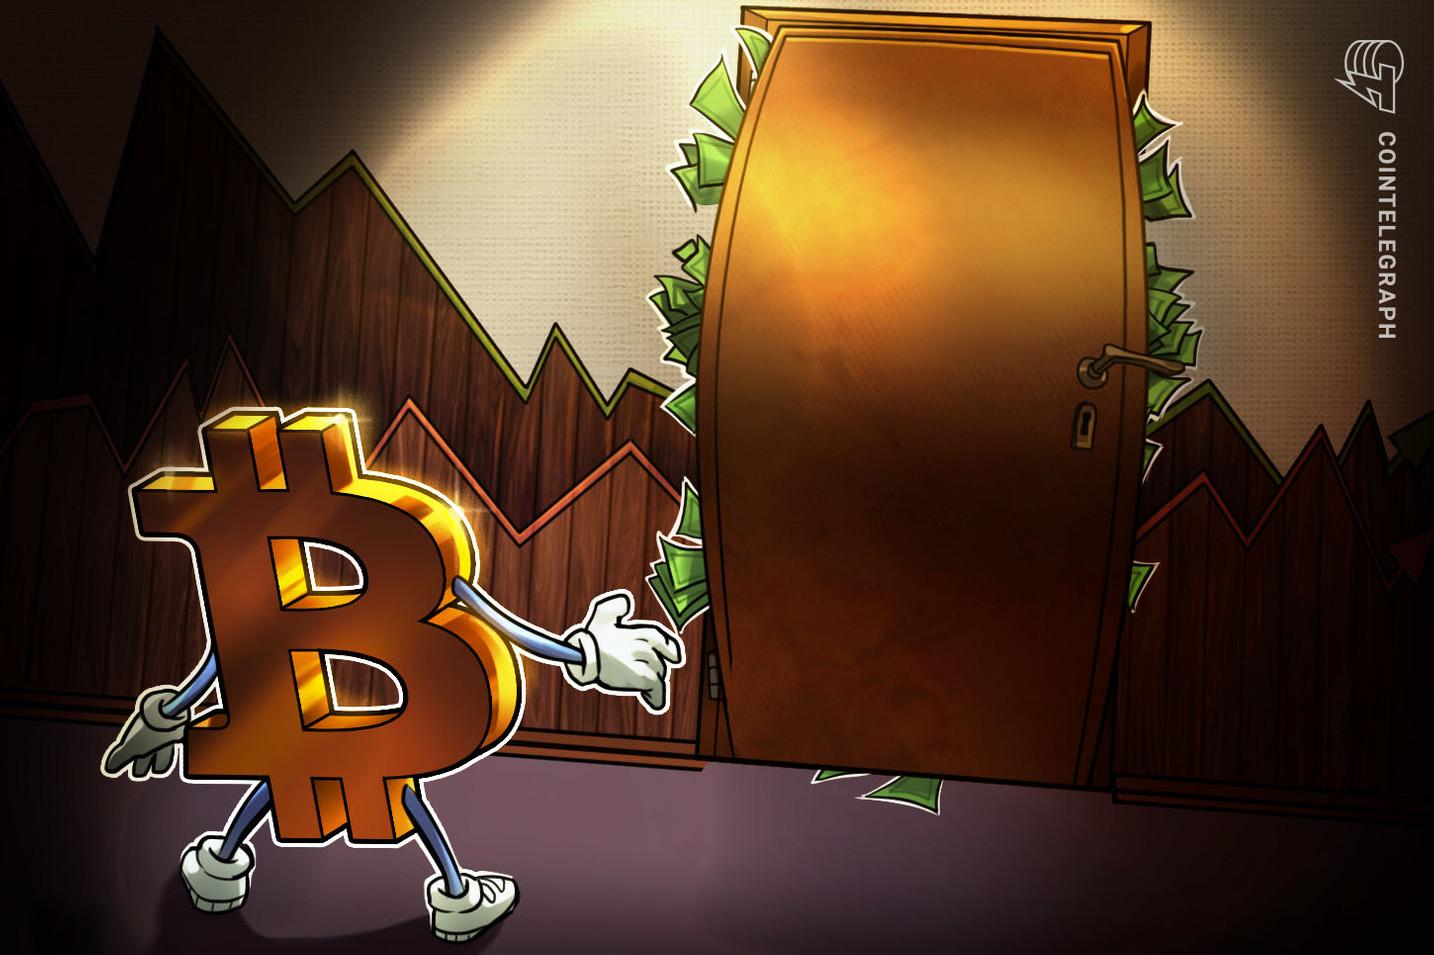 Precio de Bitcoin se acerca a los USD 12,000 y podría ser la señal para el comienzo de un nuevo ciclo alcista